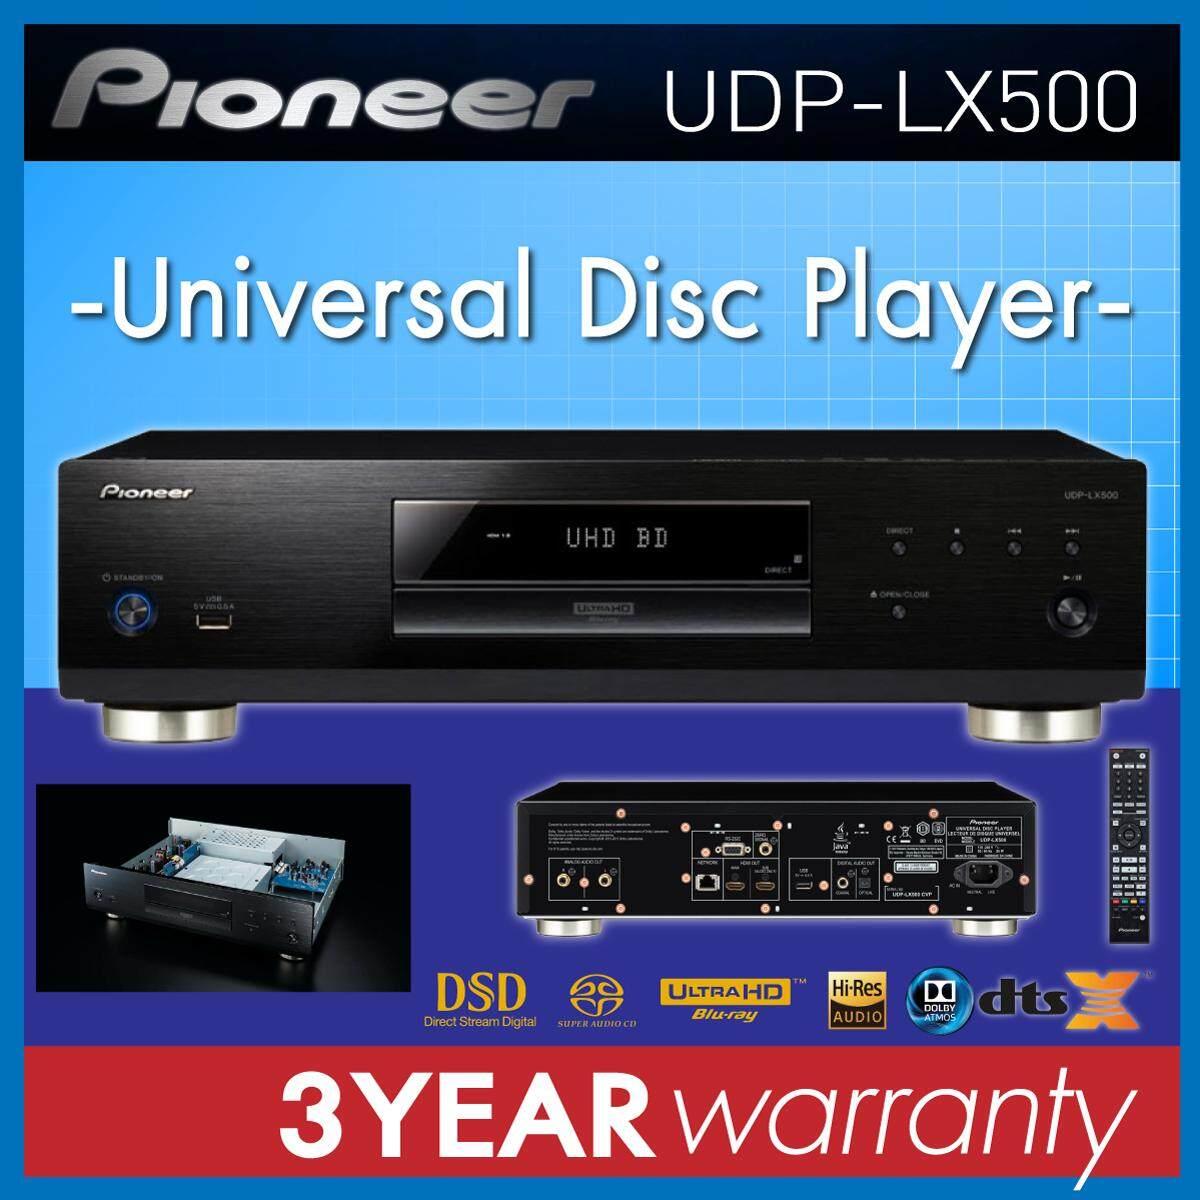 ยี่ห้อนี้ดีไหม  จันทบุรี PIONEER UDP LX500 เครื่องเล่น บูลเลย์ UNIVERSAL 4K HDR PLAYER รับประกัน 3 ปี ศูนย์ PowerBuy ไฟโอเนยร์ UDP-LX500 เครื่องศูนย์ไทย รับประกัน 3 ปีจากผู้นำเข้าอย่างเป็นทางการ